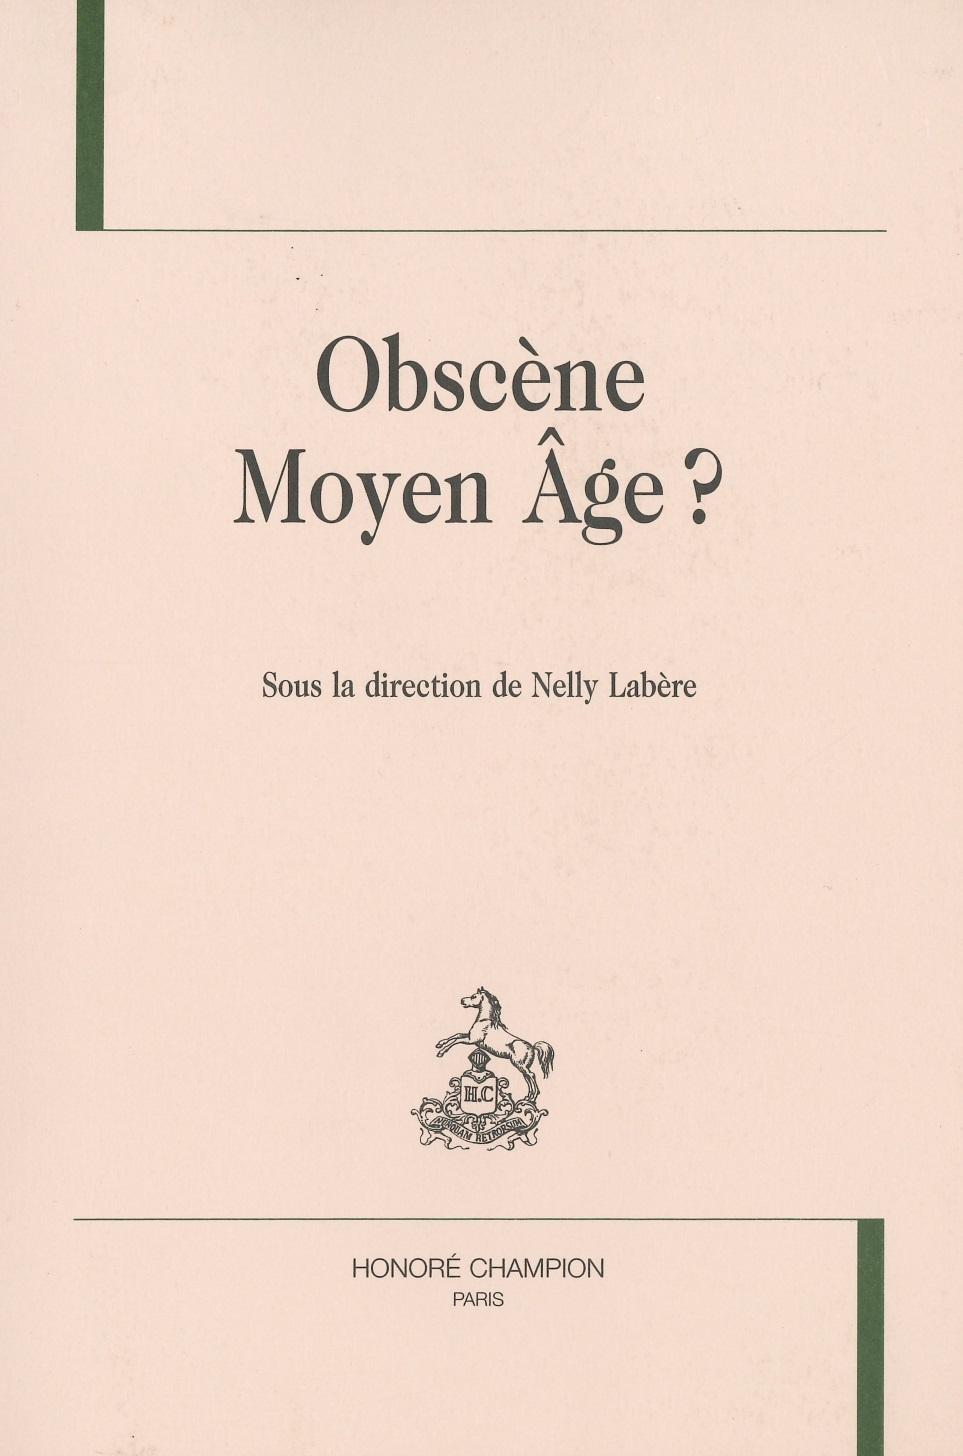 obscene_moyen_age.jpg